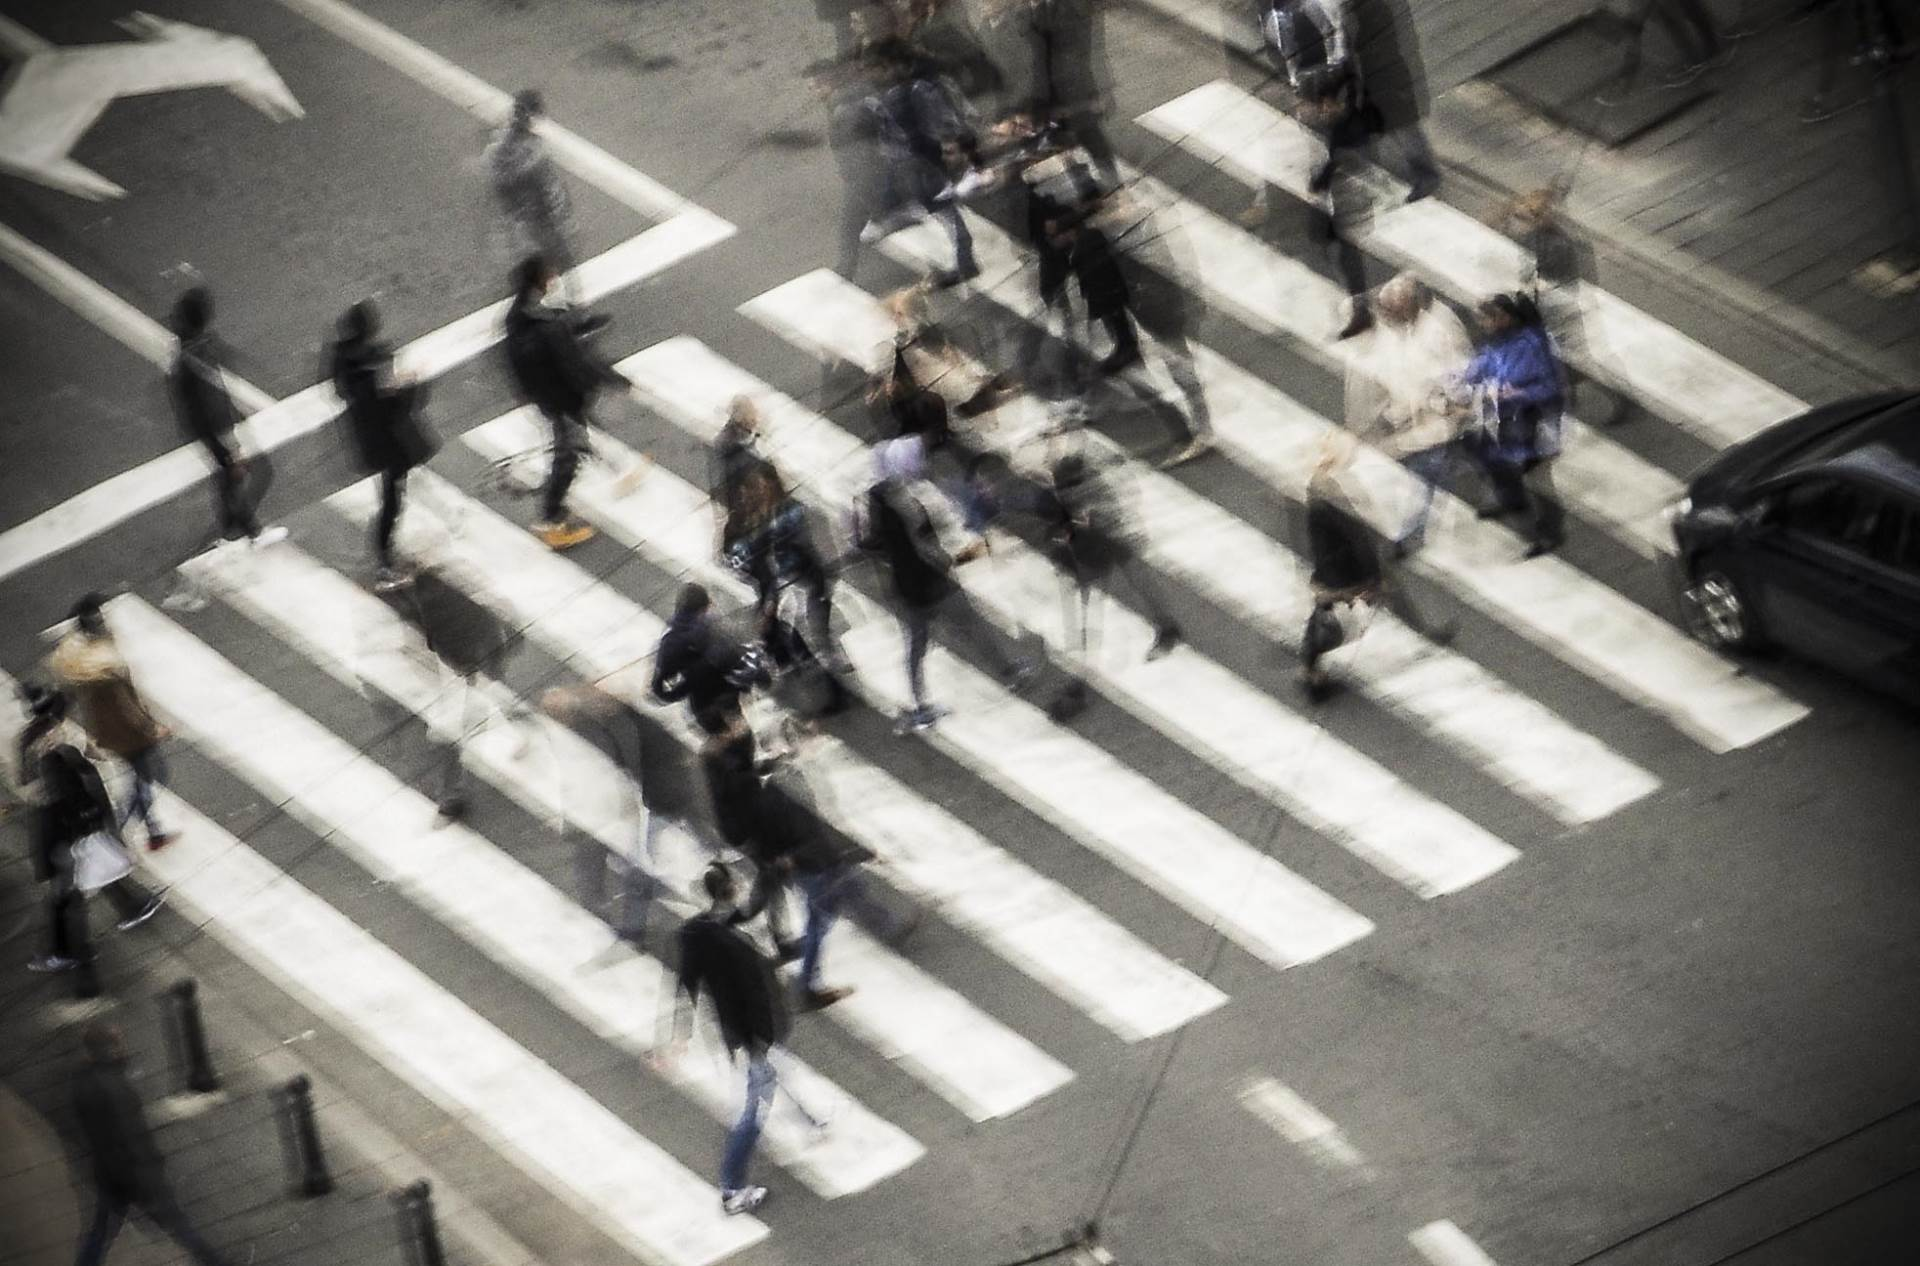 pešaci, pešački prelaz, pešački, saobraćaj, ulica, pesaci, pesacki, zebra, ulice, pešak